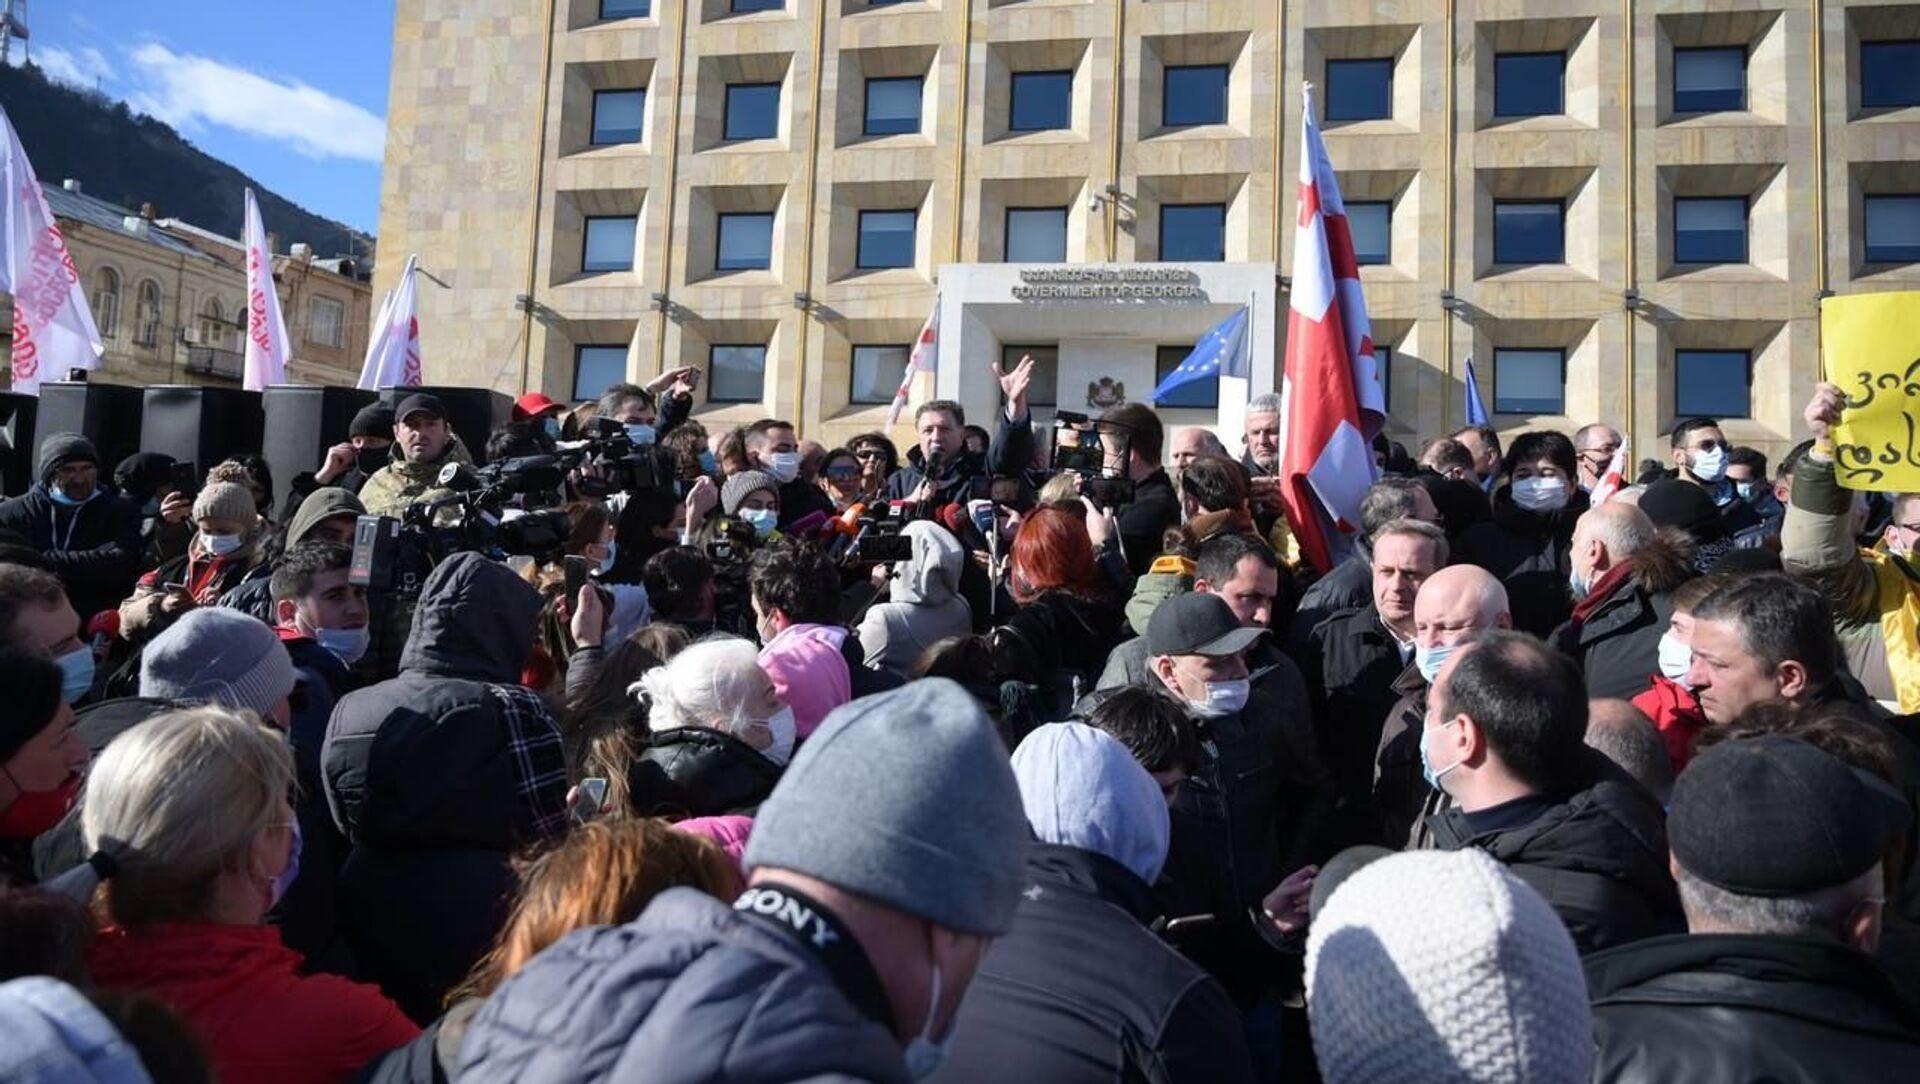 Protesty w Tbilisi, Gruzja - Sputnik Polska, 1920, 23.02.2021